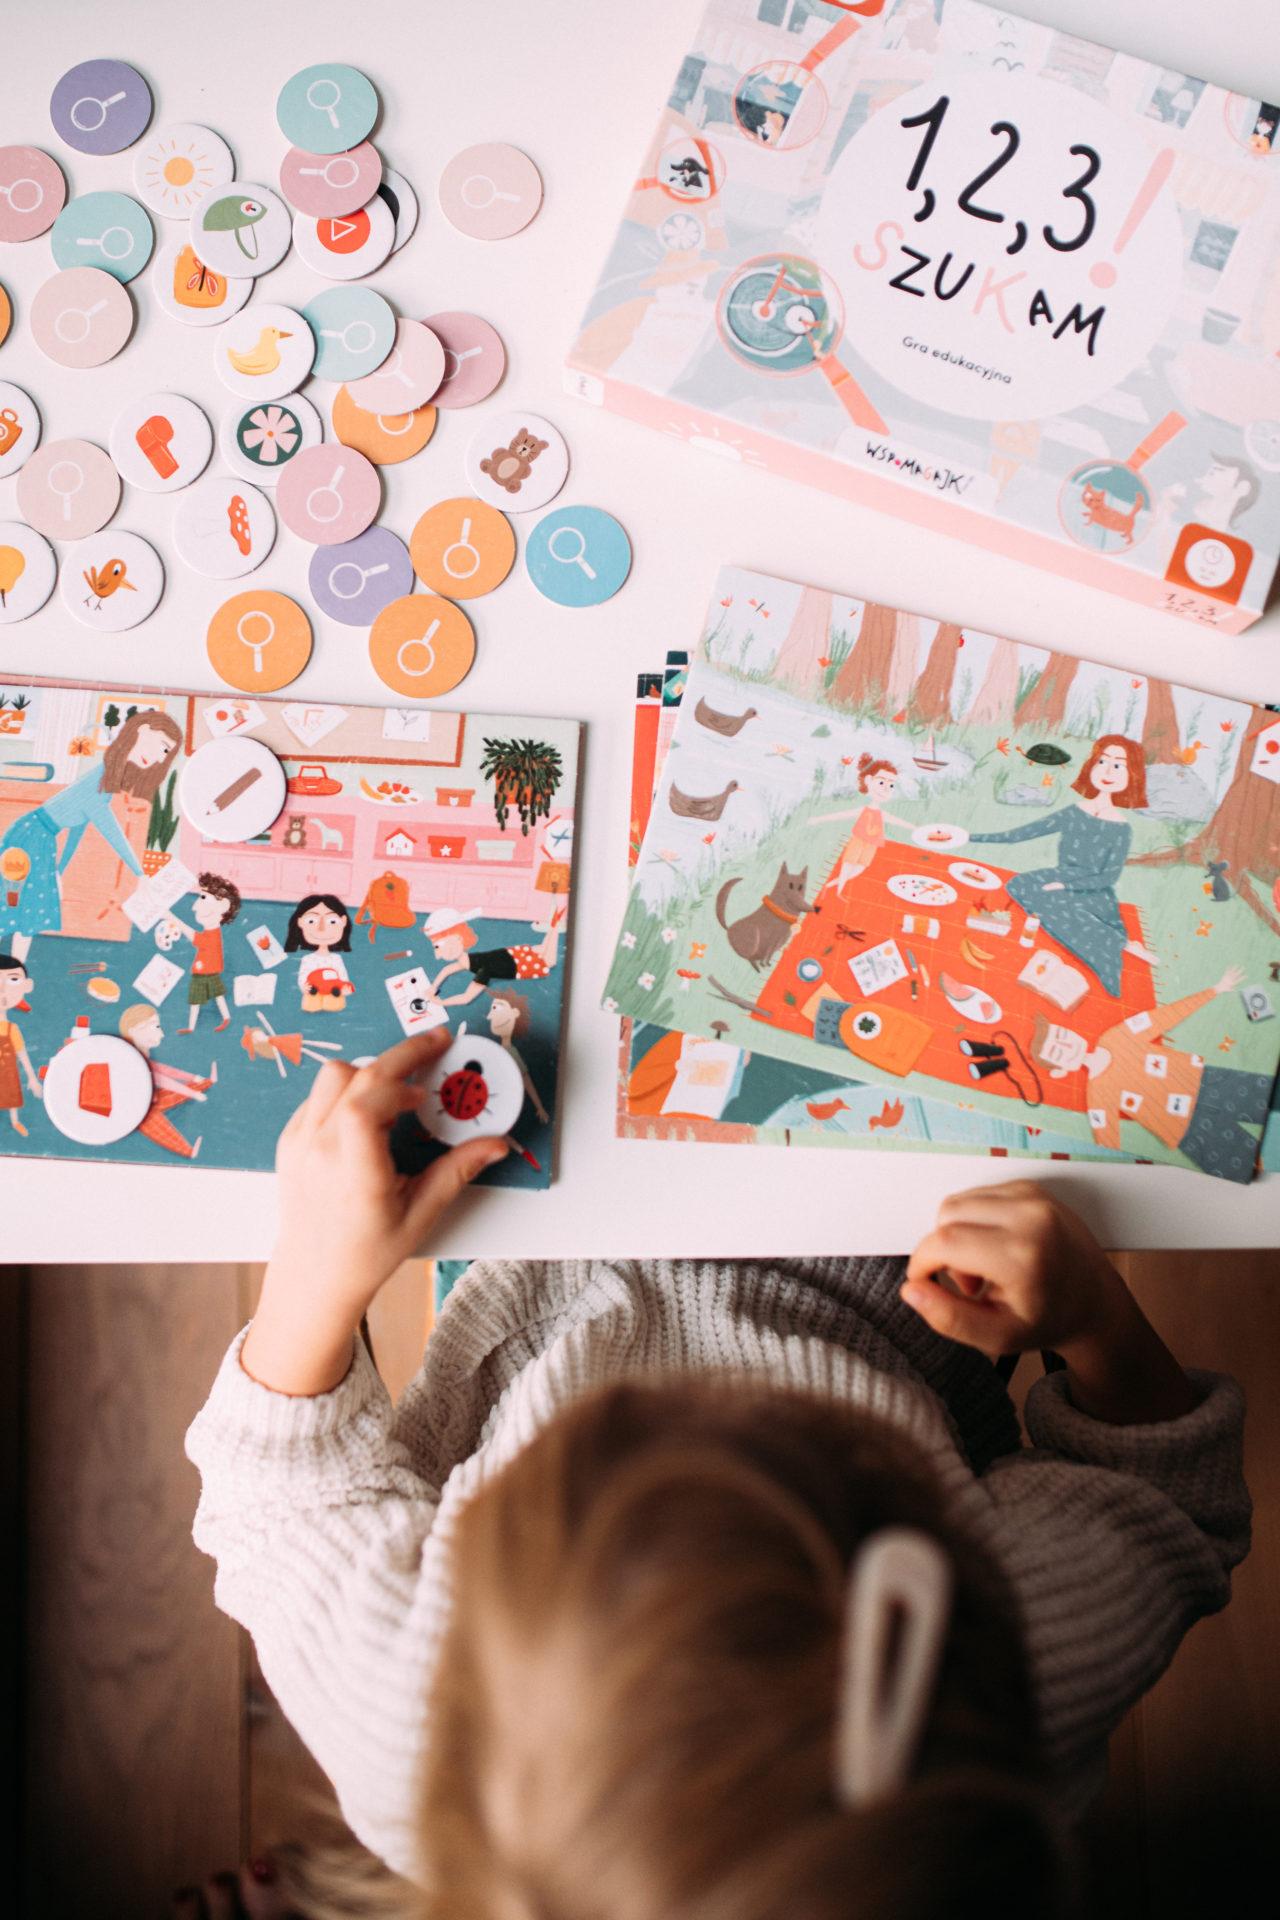 Dziecko grające w grę